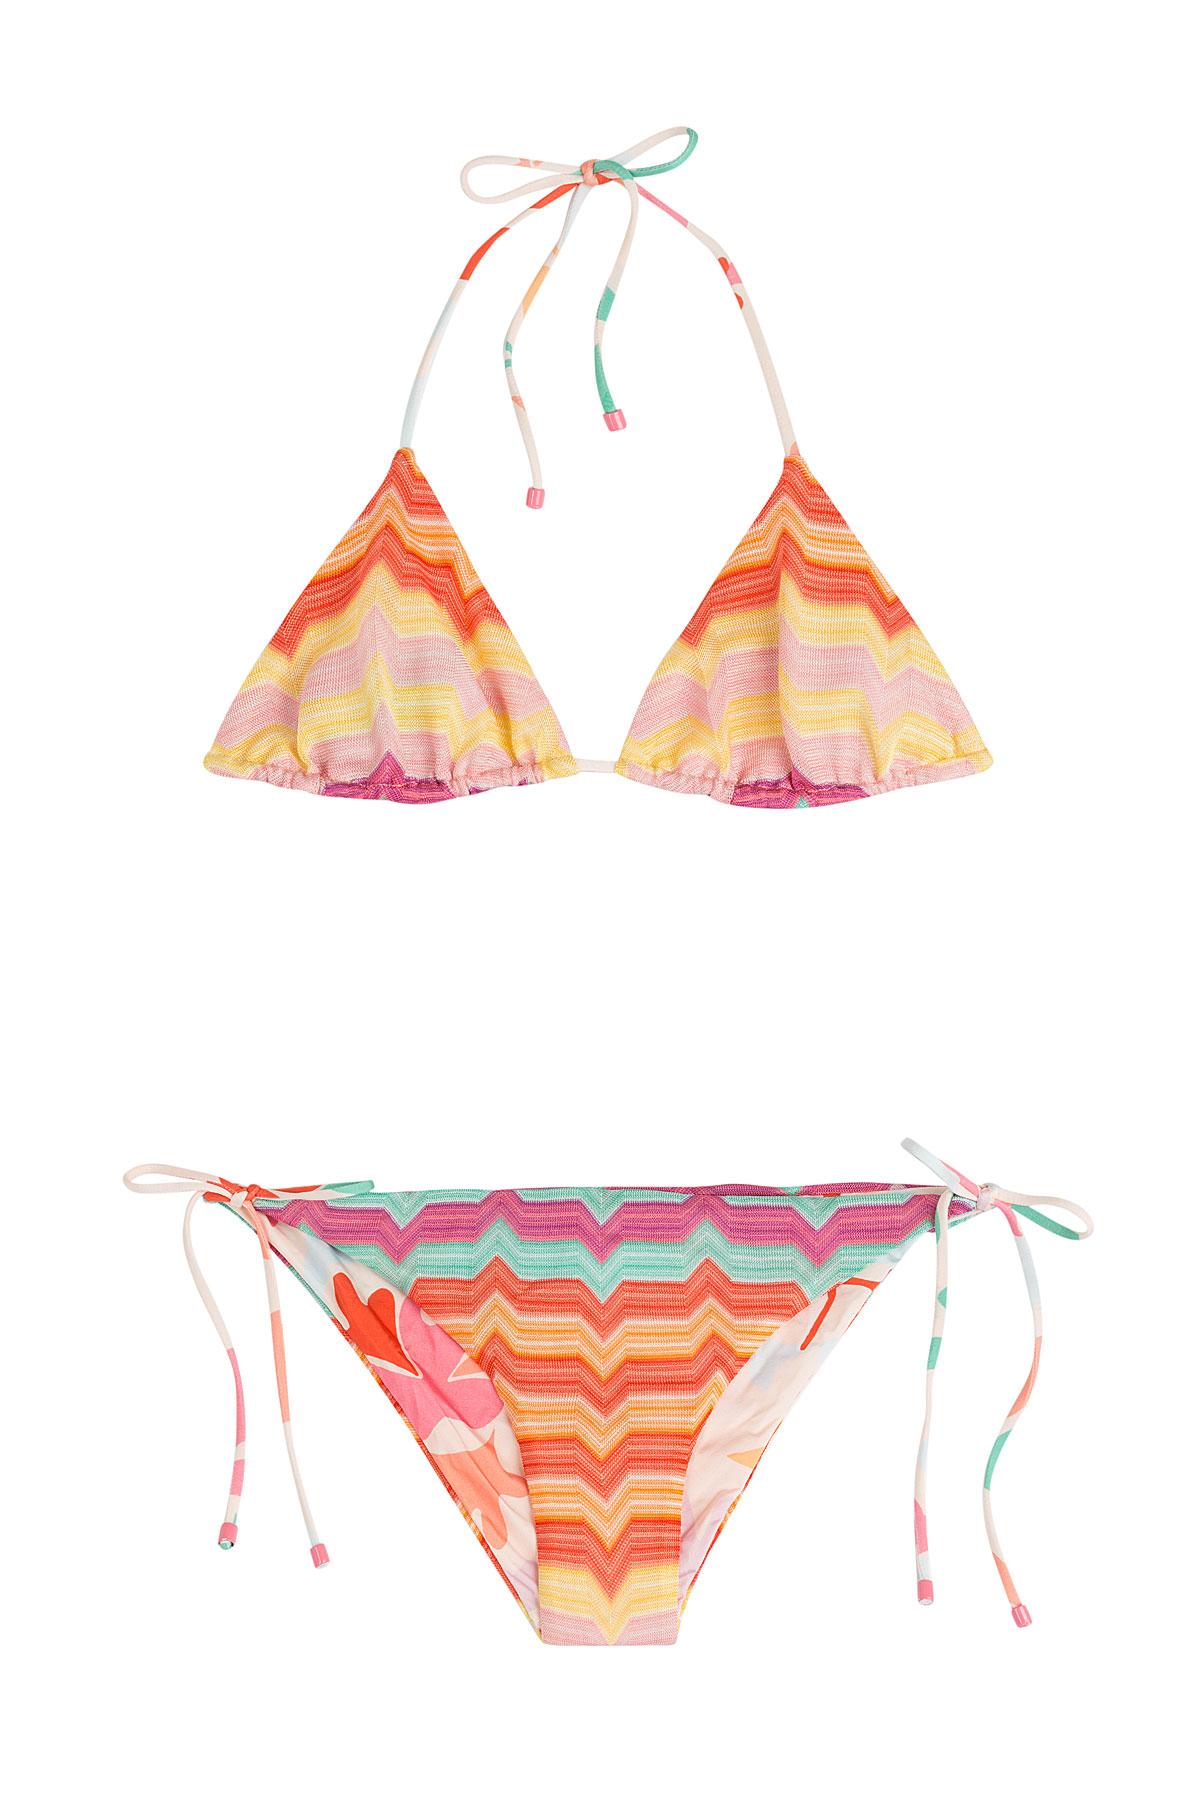 Missoni Reversible Knit Triangle Bikini Multicolor In